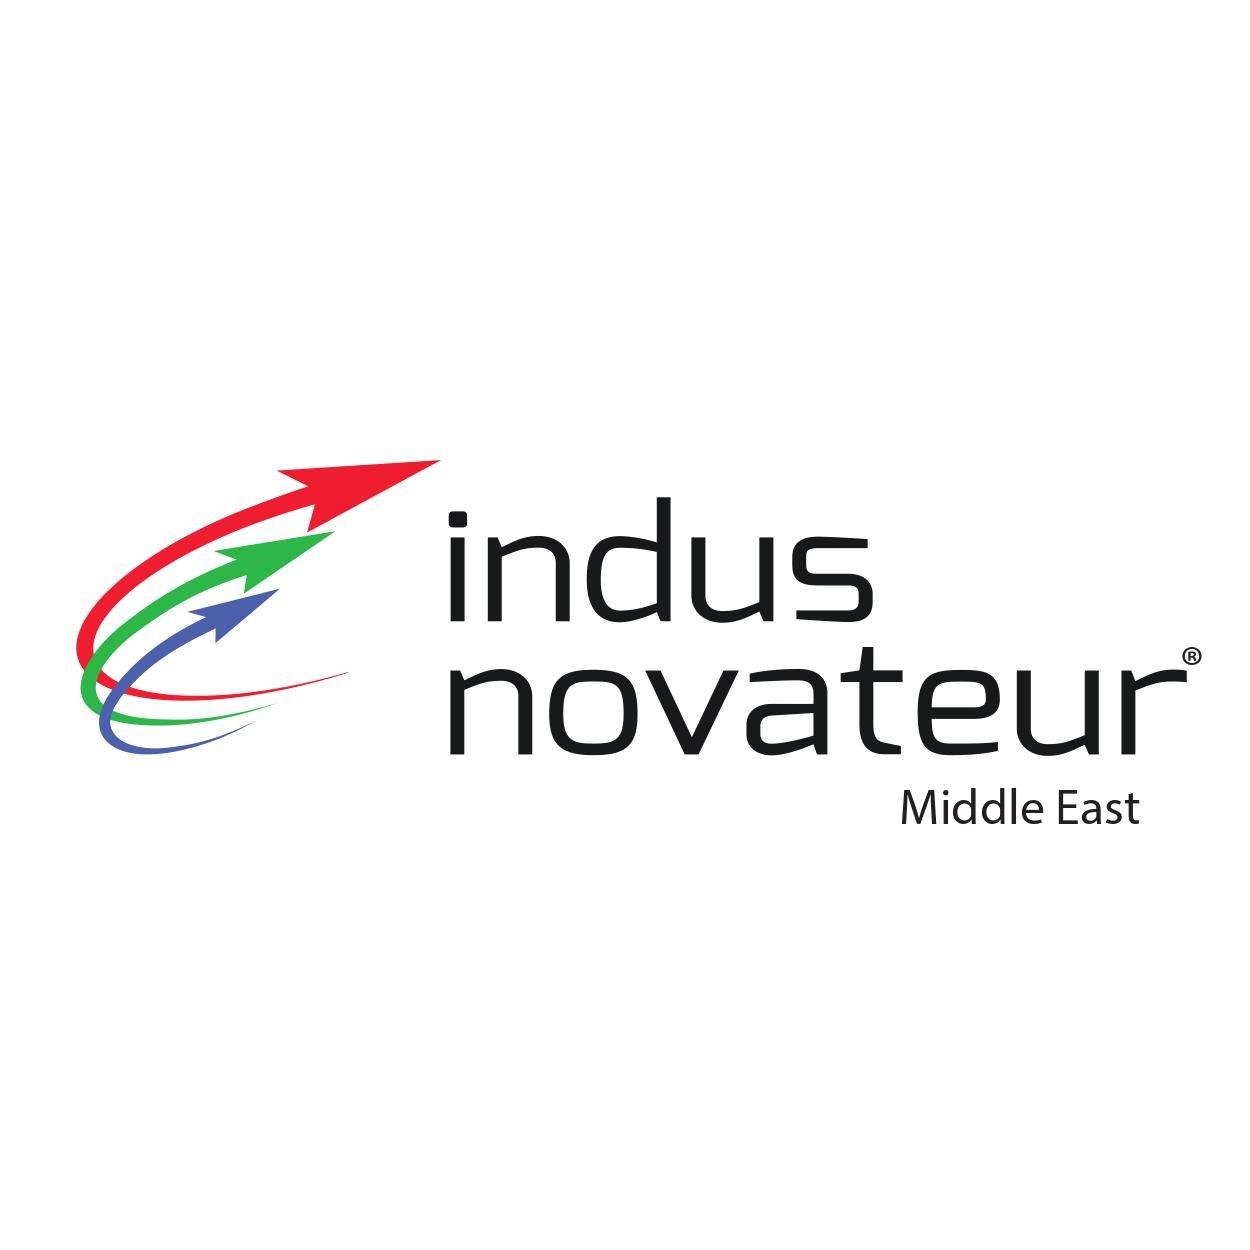 Indus Novateur Middle East